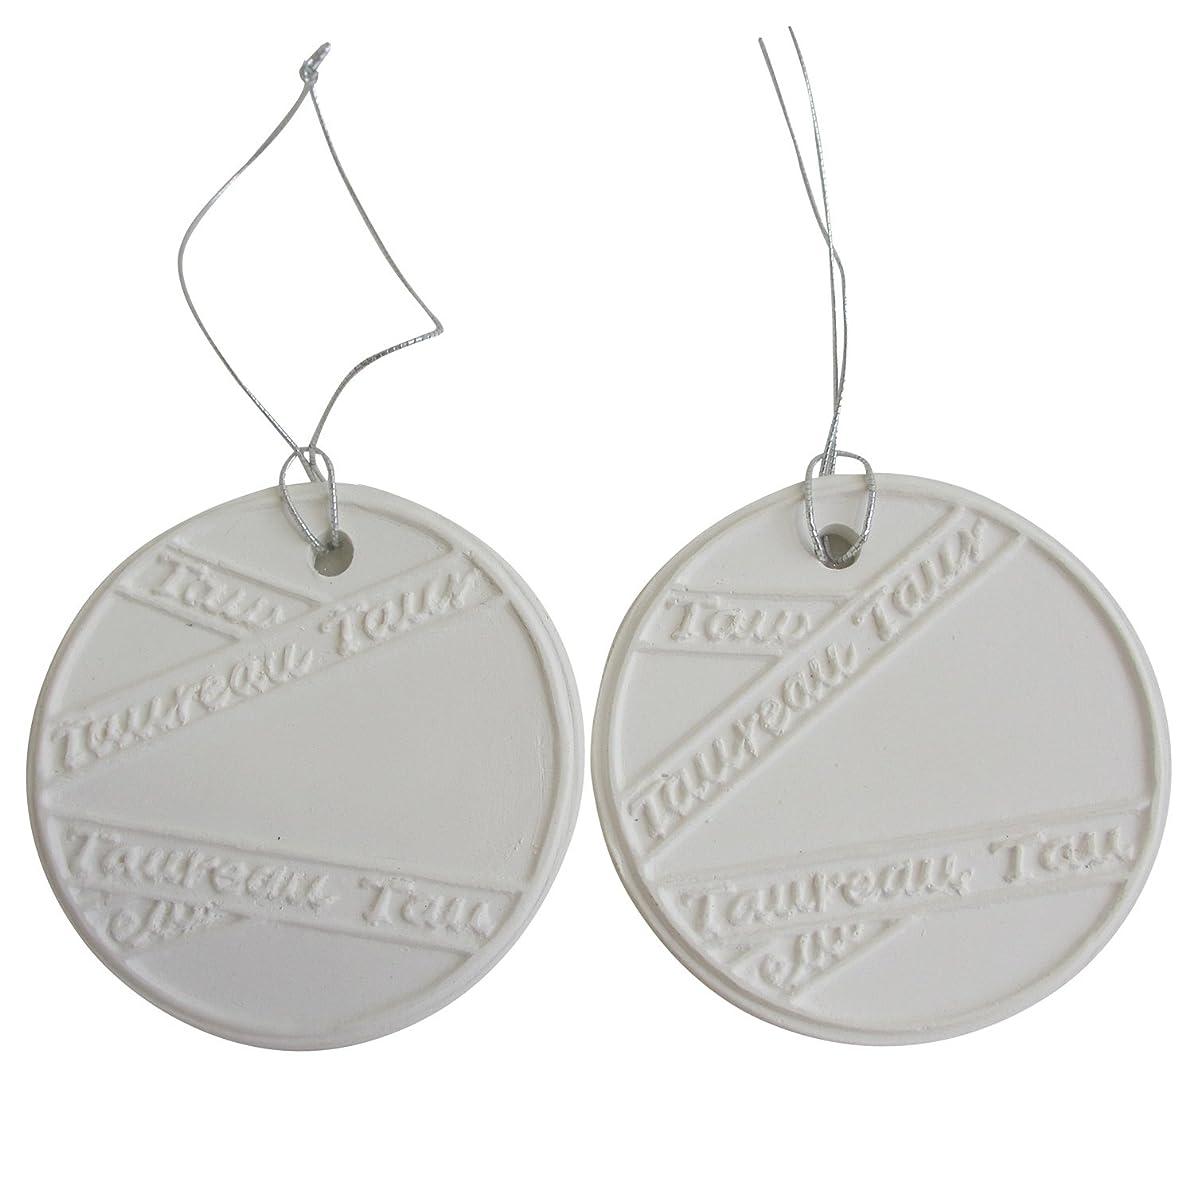 貢献するアシュリータファーマンキャンセルアロマストーン ホワイトコイン2セット(リボン2) アクセサリー 小物 キーホルダー アロマディフューザー ペンダント 陶器製